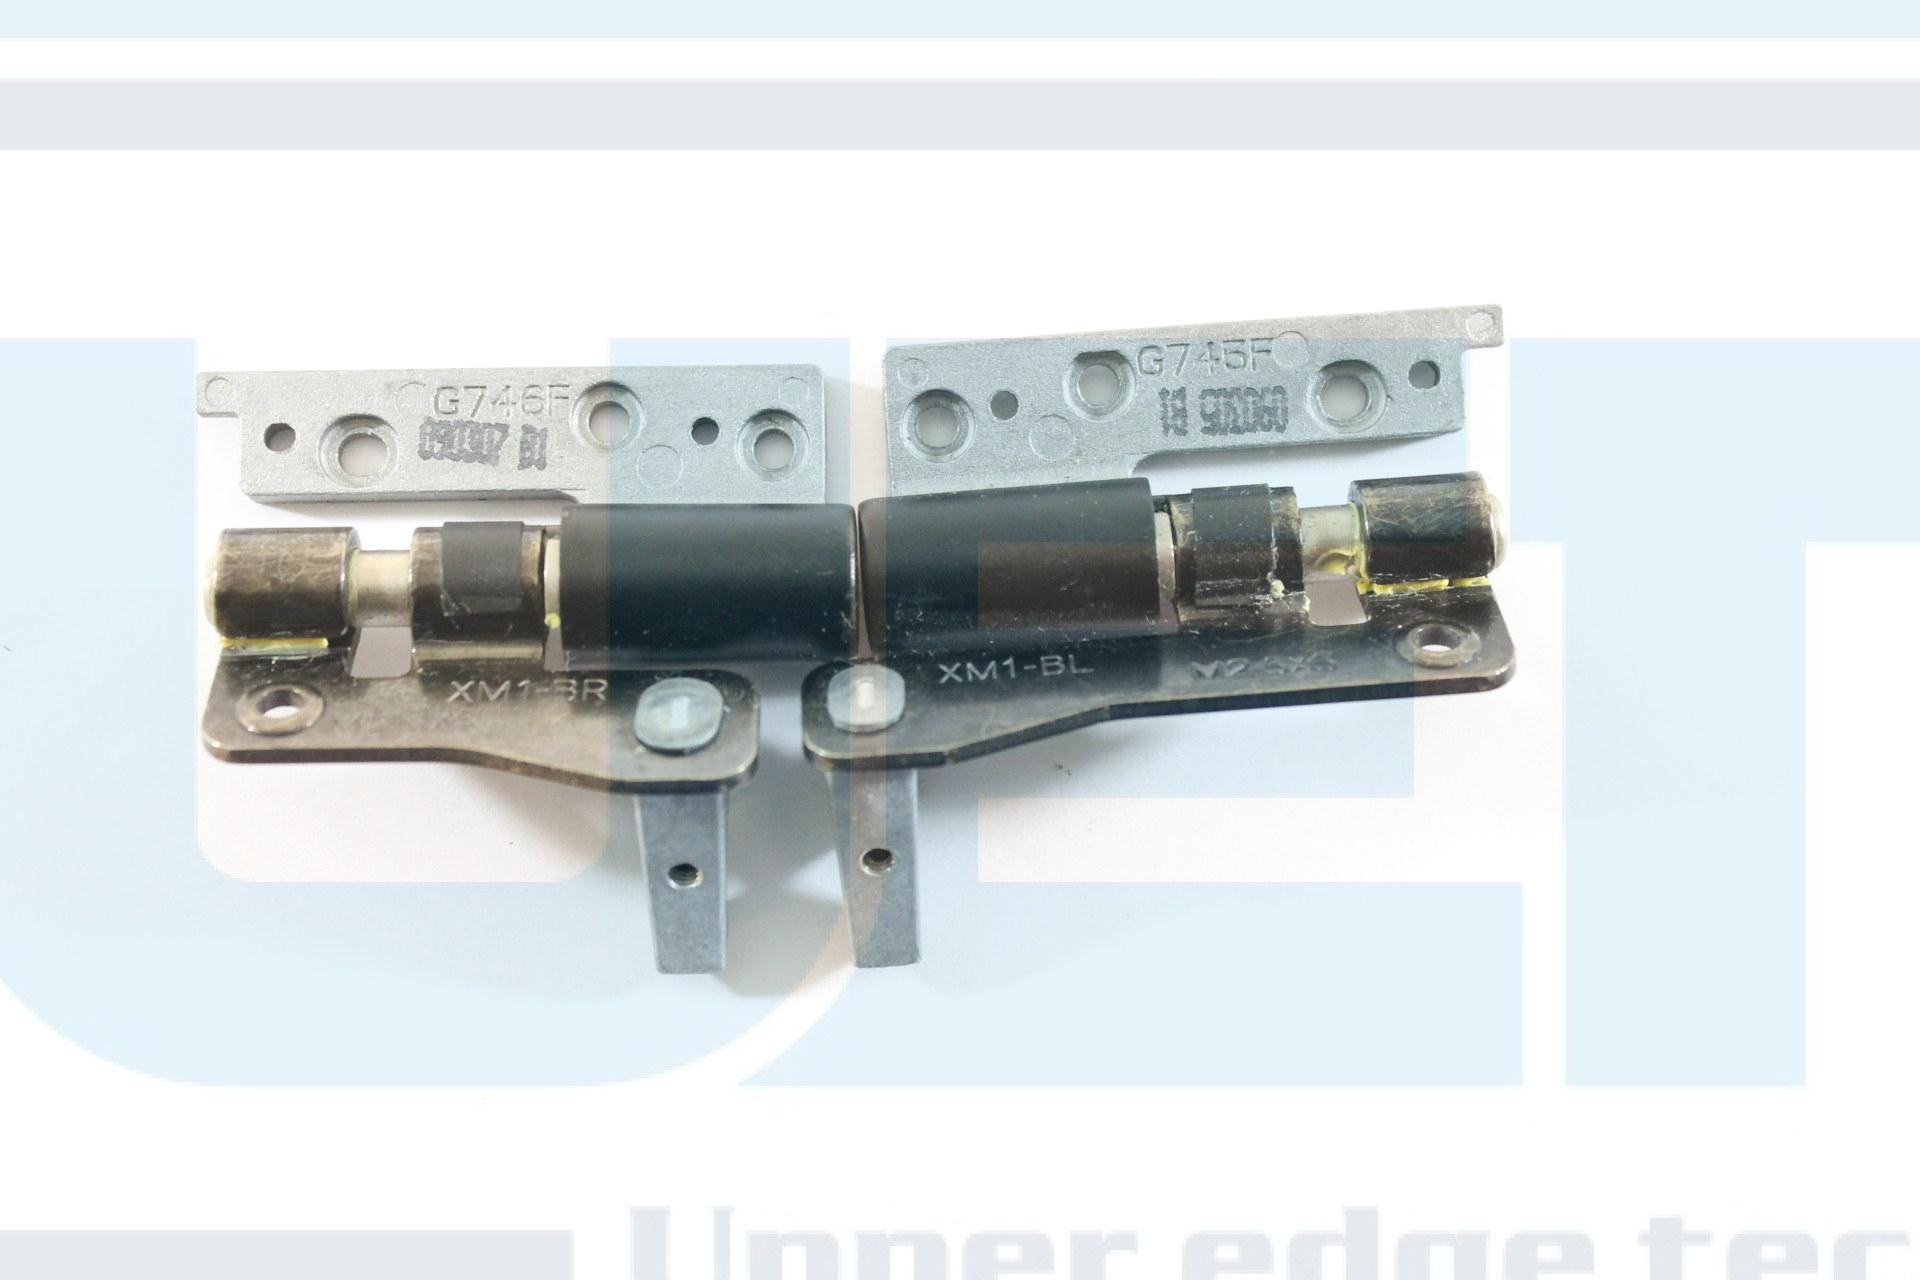 BRAND NEW GENUINE DELL PRECISION M6400 M6500 RIGHT LCD HINGE G746F 0G746F